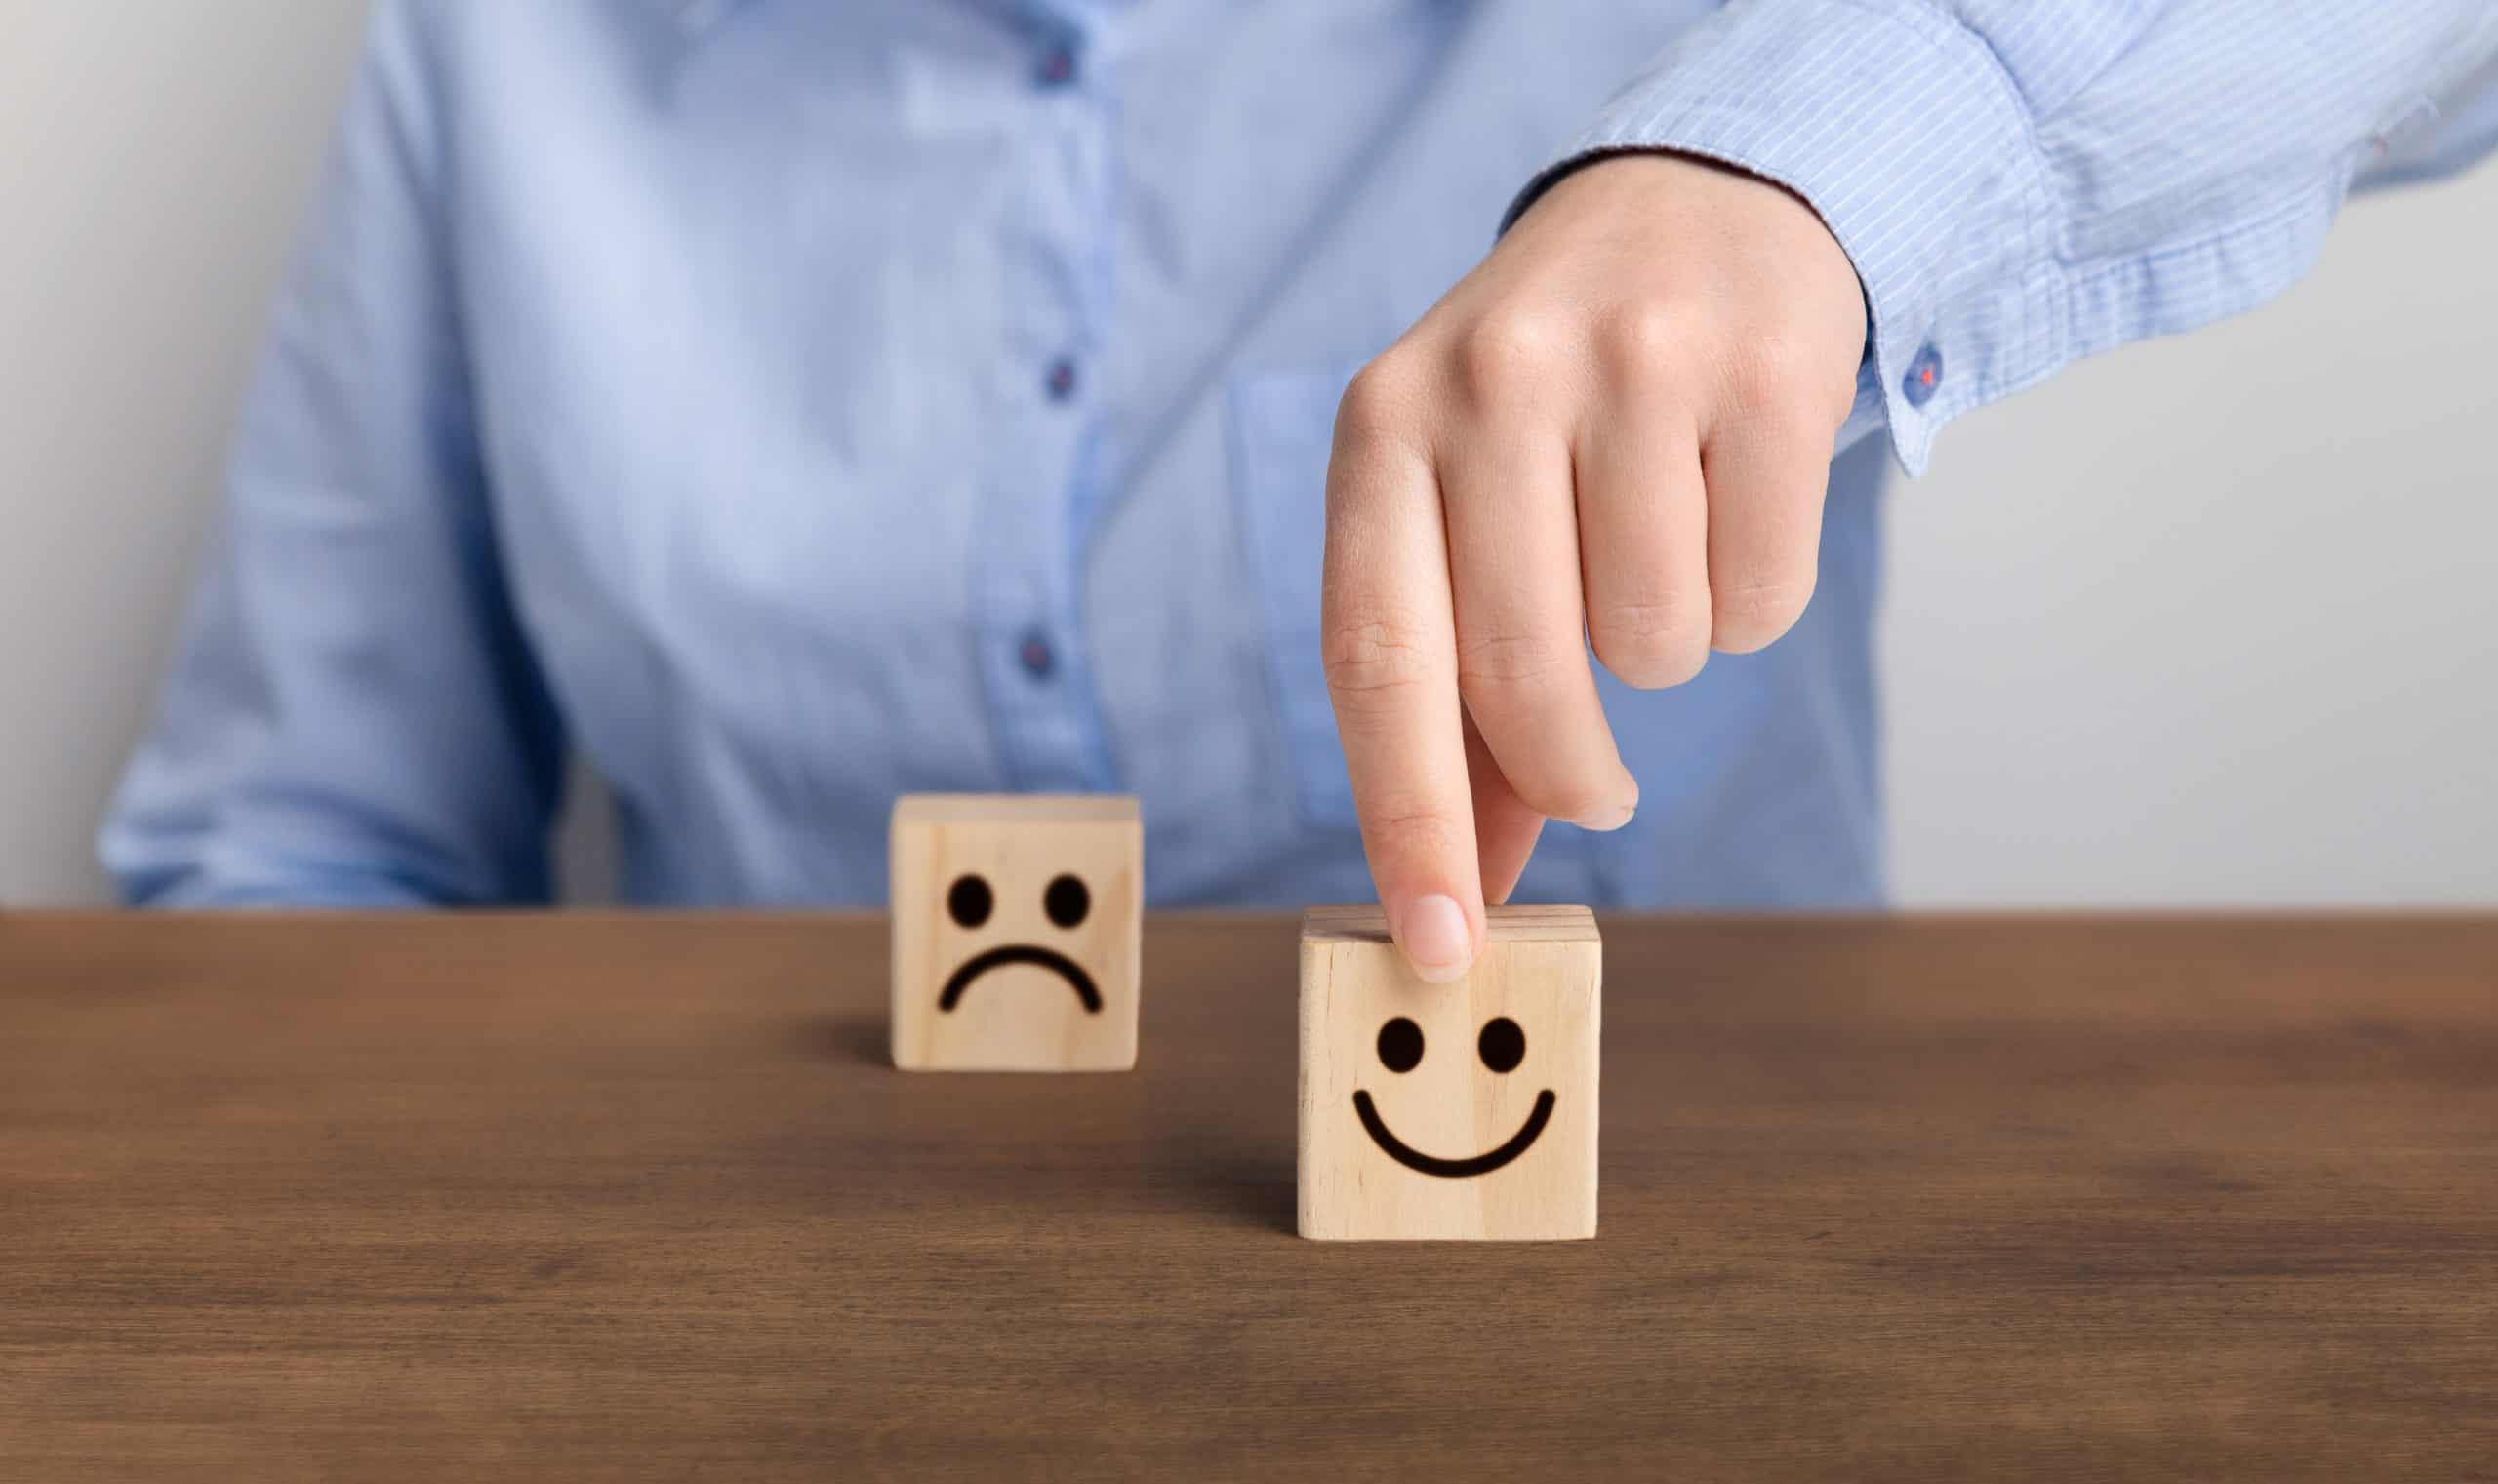 Homme choisissant d'être heureux et de vaincre ses coups de blues